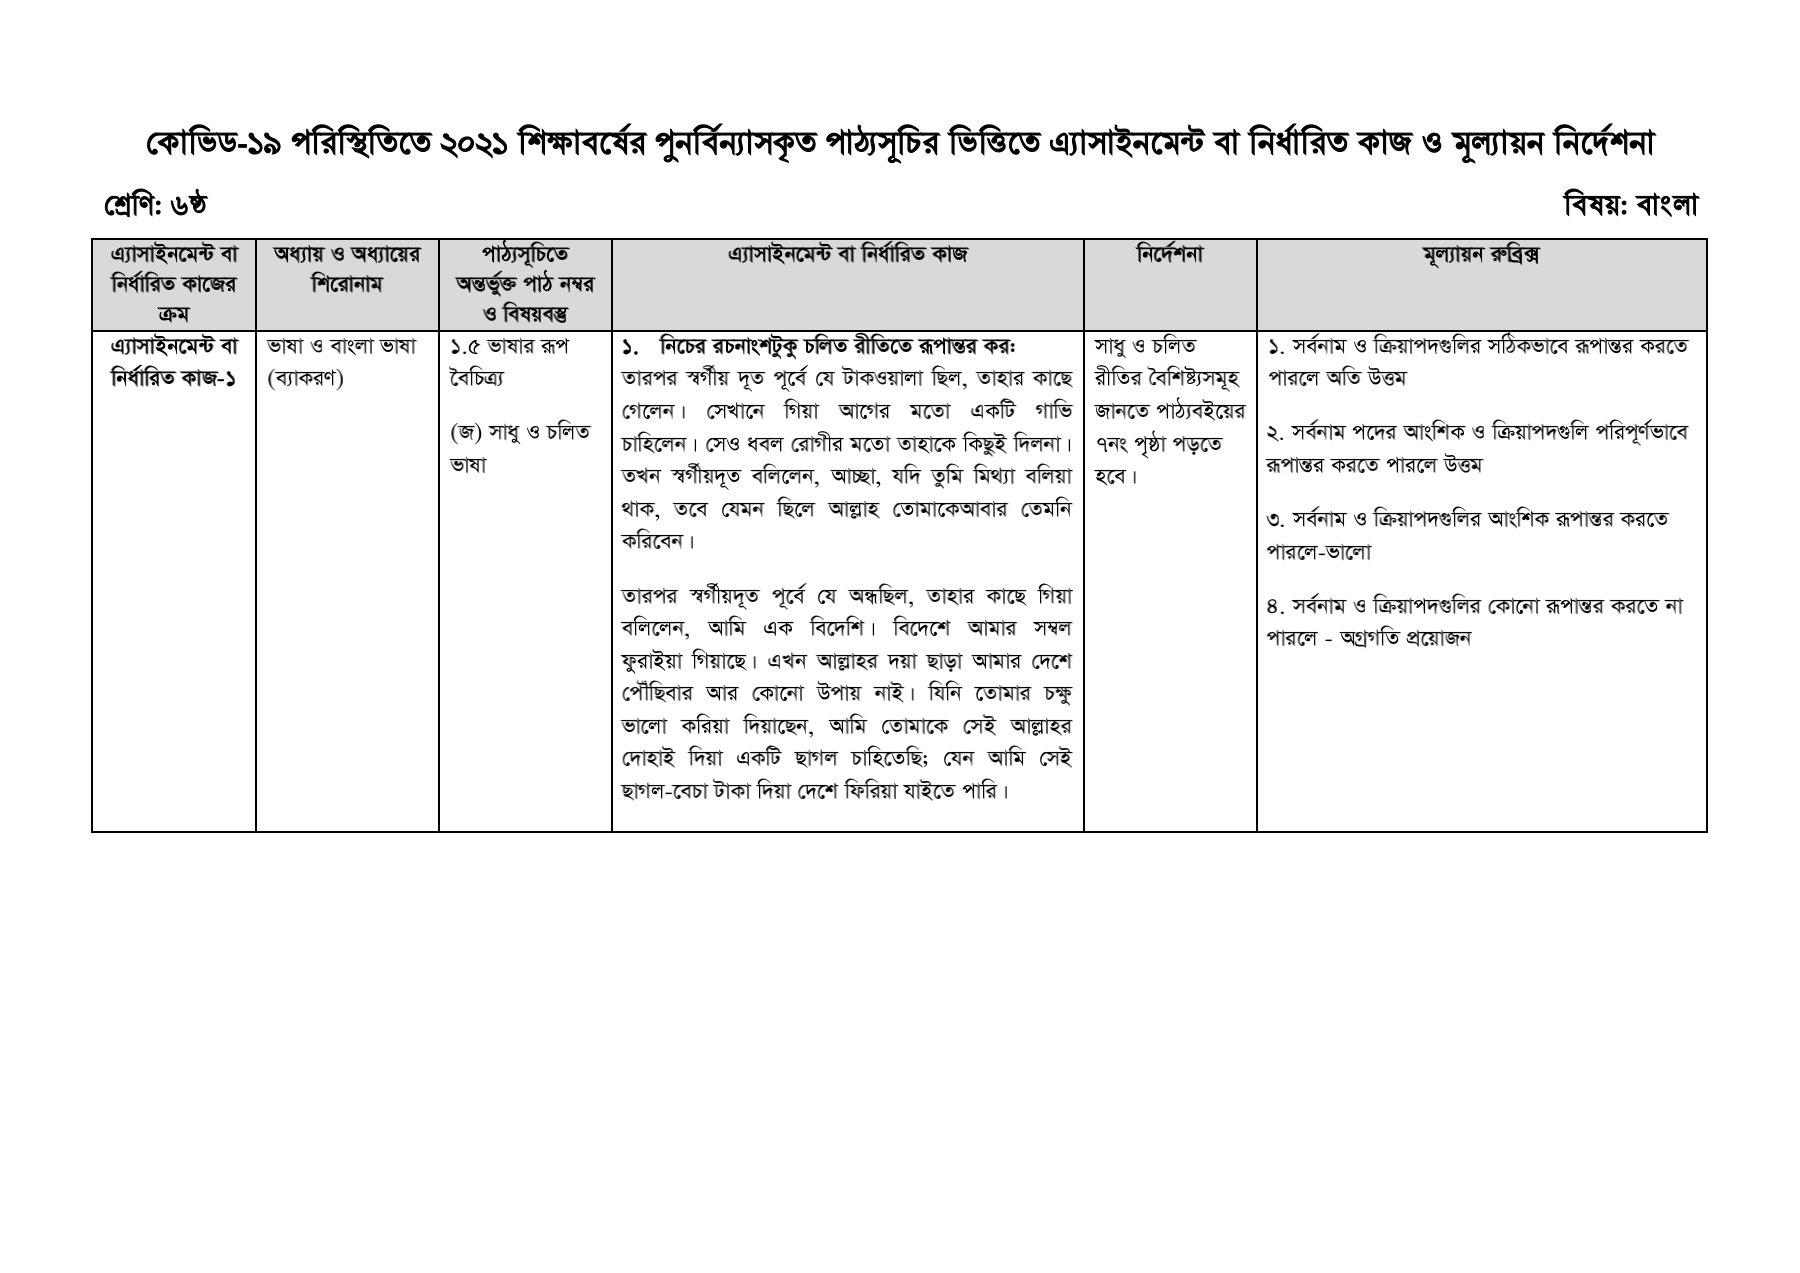 ষষ্ঠ/৬ষ্ট শ্রেণির এসাইনমেন্ট উওর ২০২১ বাংলা    Class 6 Bangla Assignment 2021 Answer